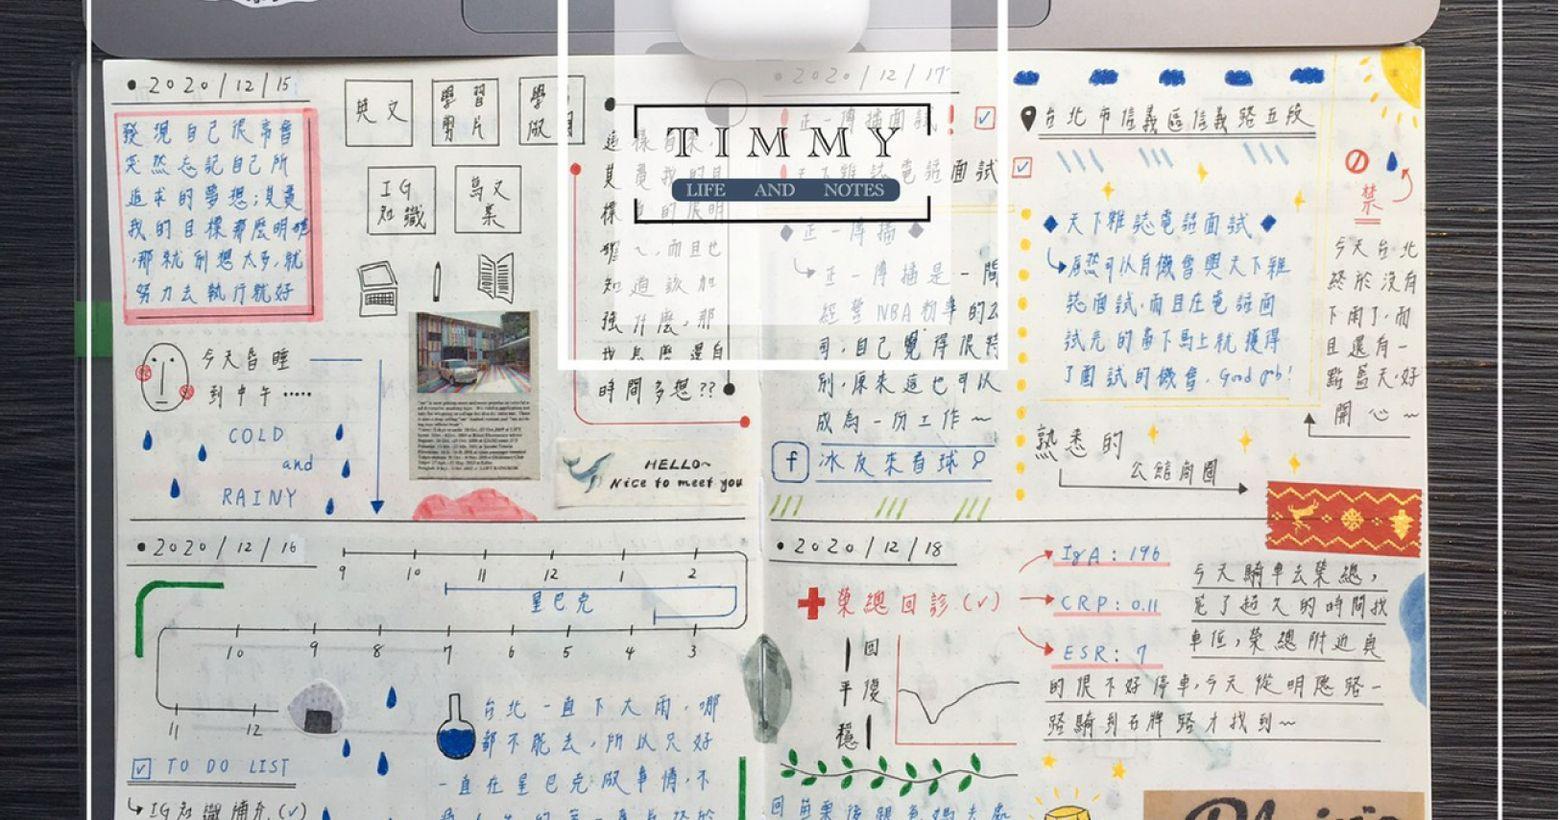 手帳紀錄:天天下雨的台北其實自己一直都有在記錄手帳,但是很追求完美的我,版面沒有到完美是不會輕易放上